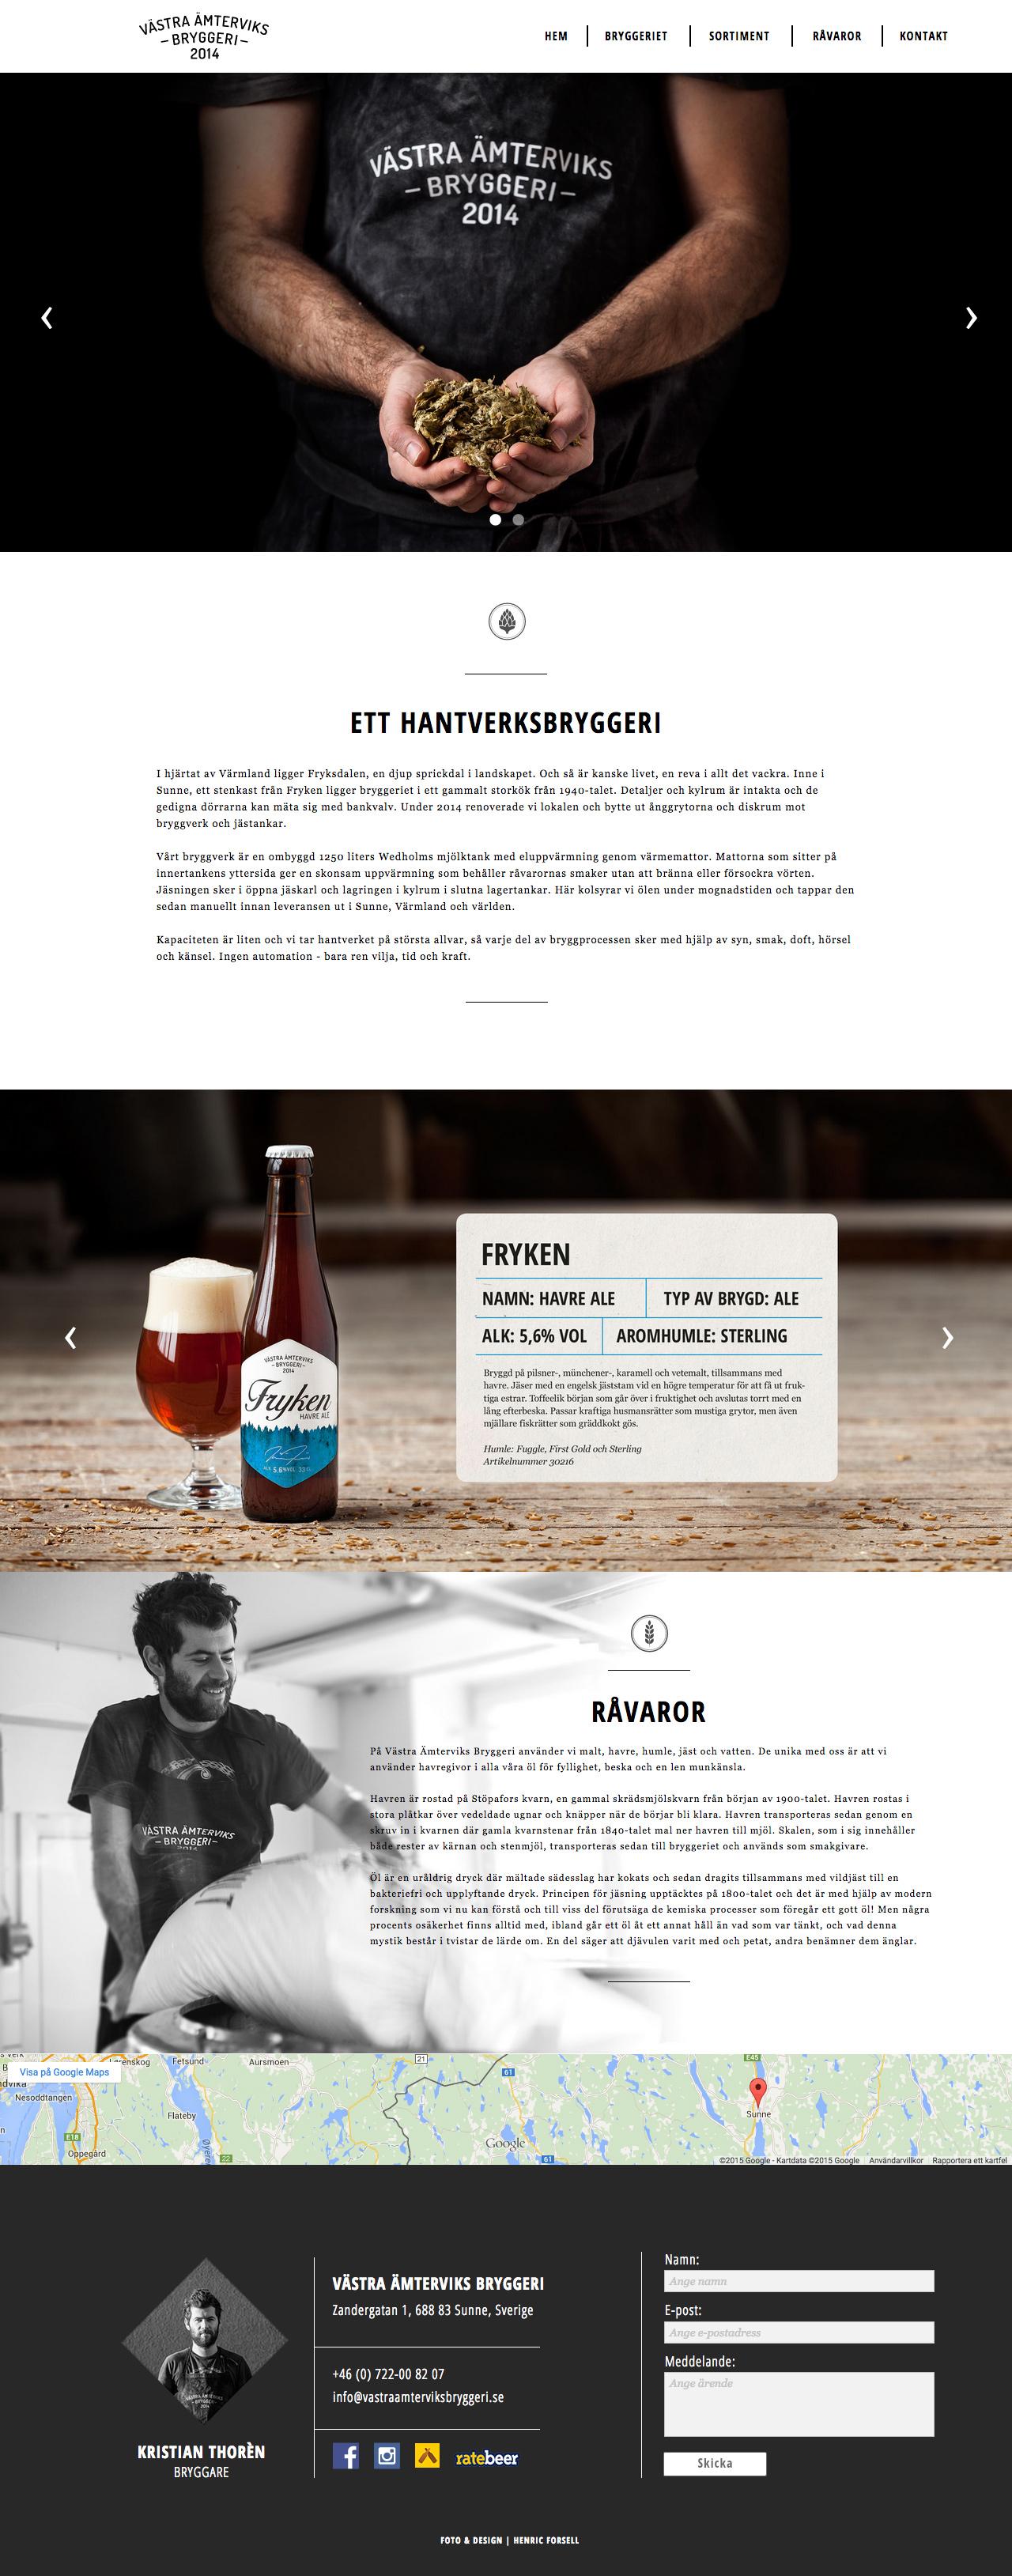 Västra Ämterviks Bryggeri Website Screenshot